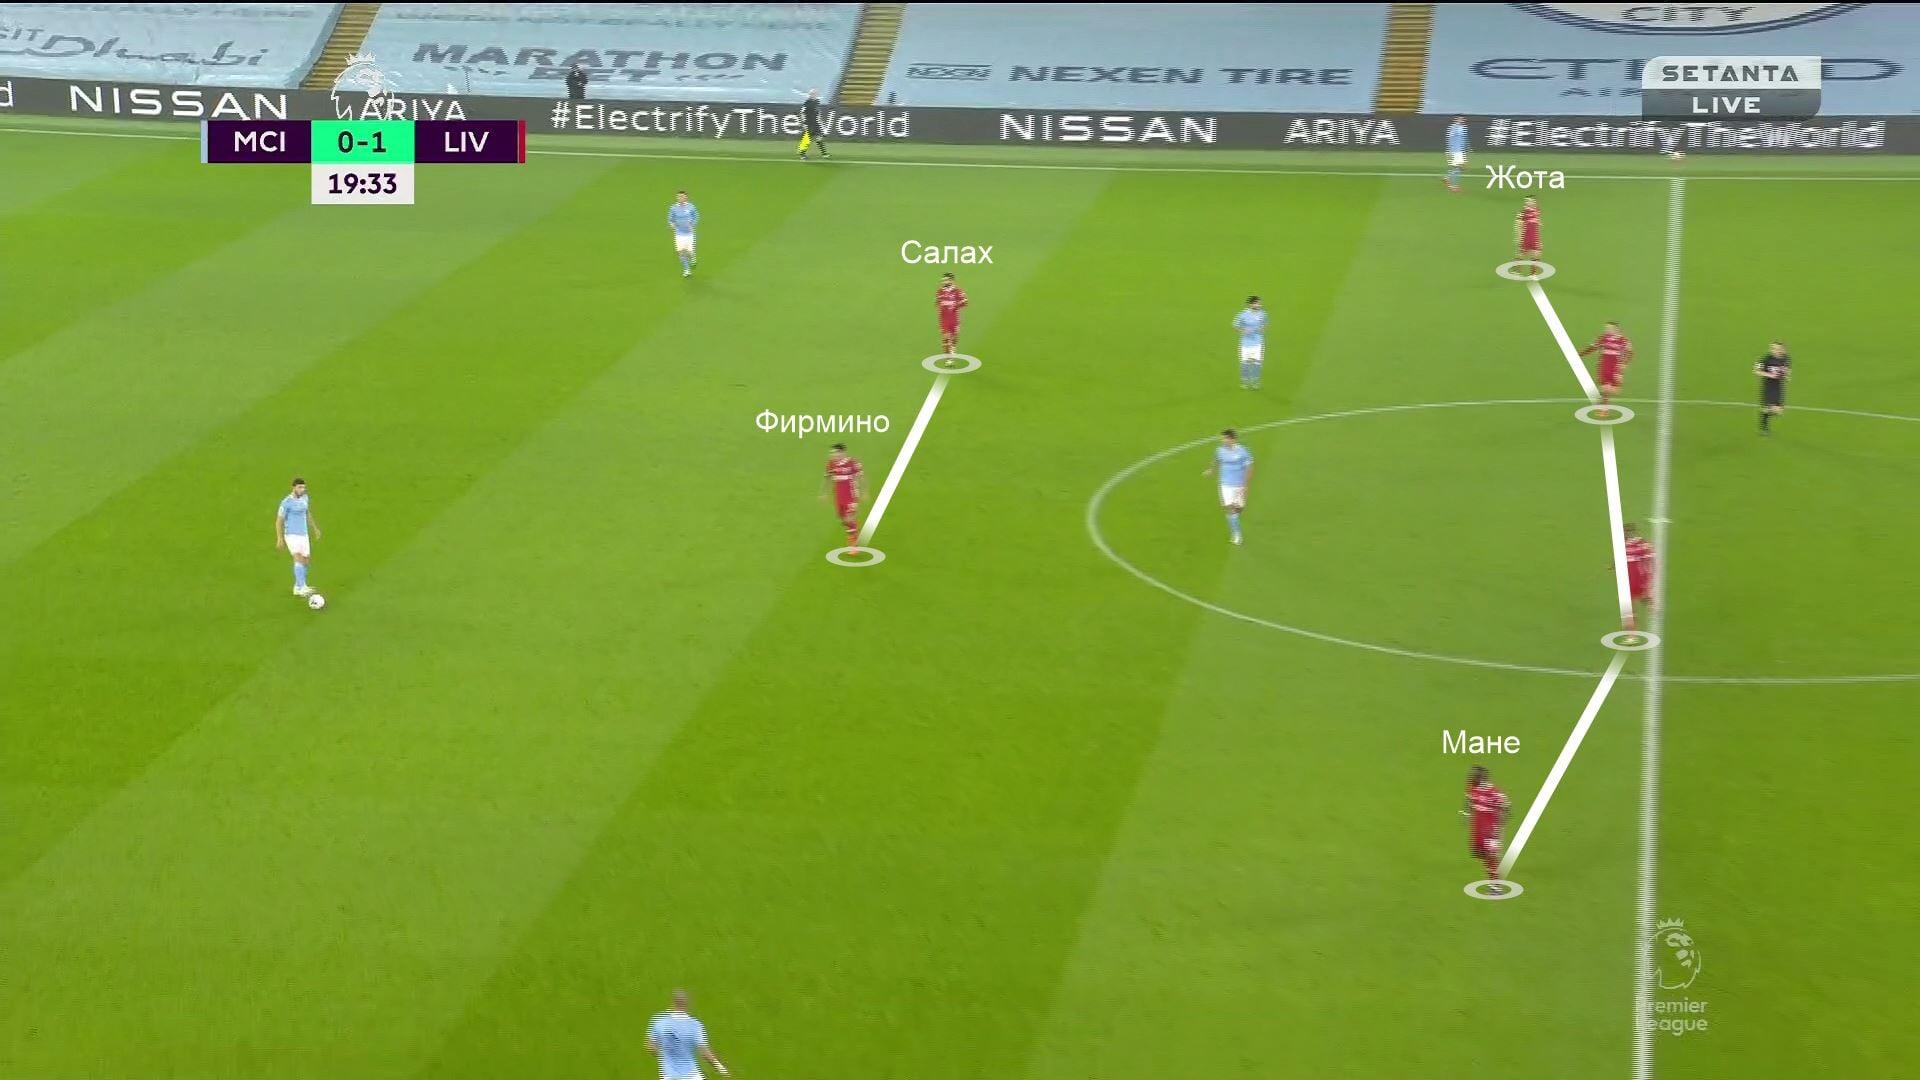 Матчи «Сити» с «Ливерпулем» – теперь взаимная нейтрализация. Даже из Жоты и Фирмино в старте получился оборонительный ход